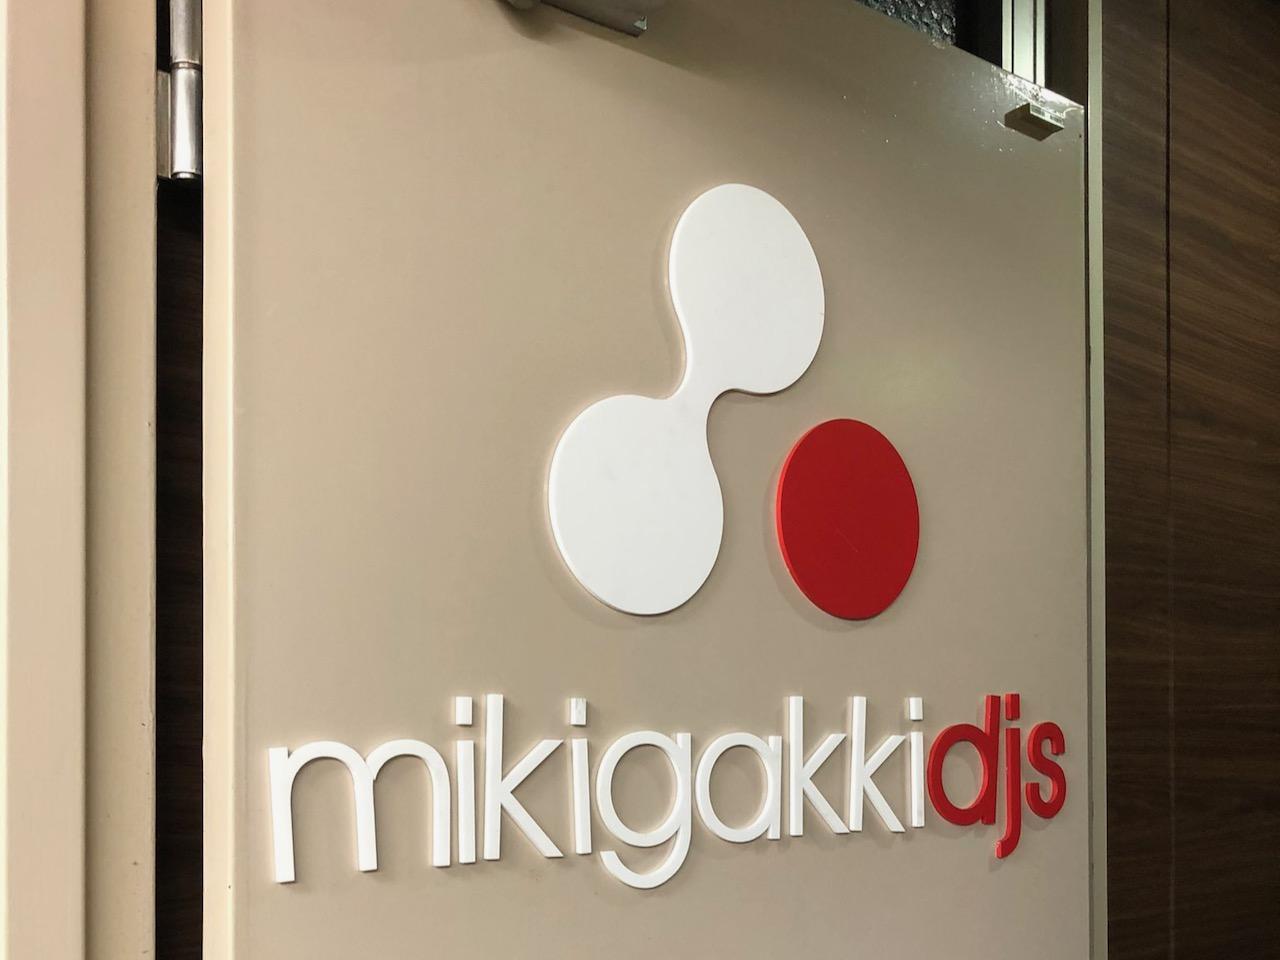 office mikigakkidjs